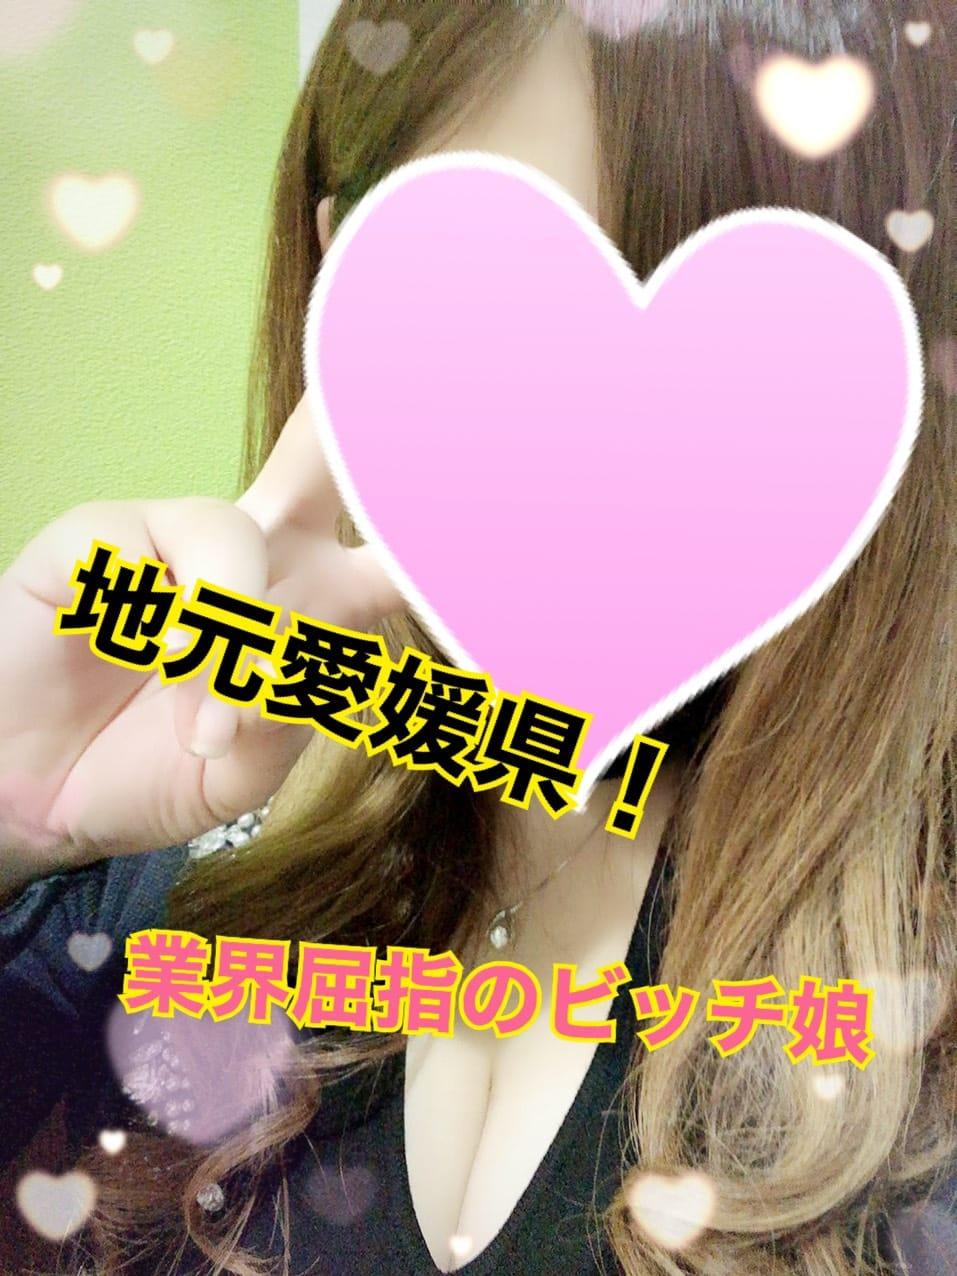 「[お題]from:M猫さん」02/24(02/24) 00:25 | 地元体験 なな 業界素人美巨乳の写メ・風俗動画